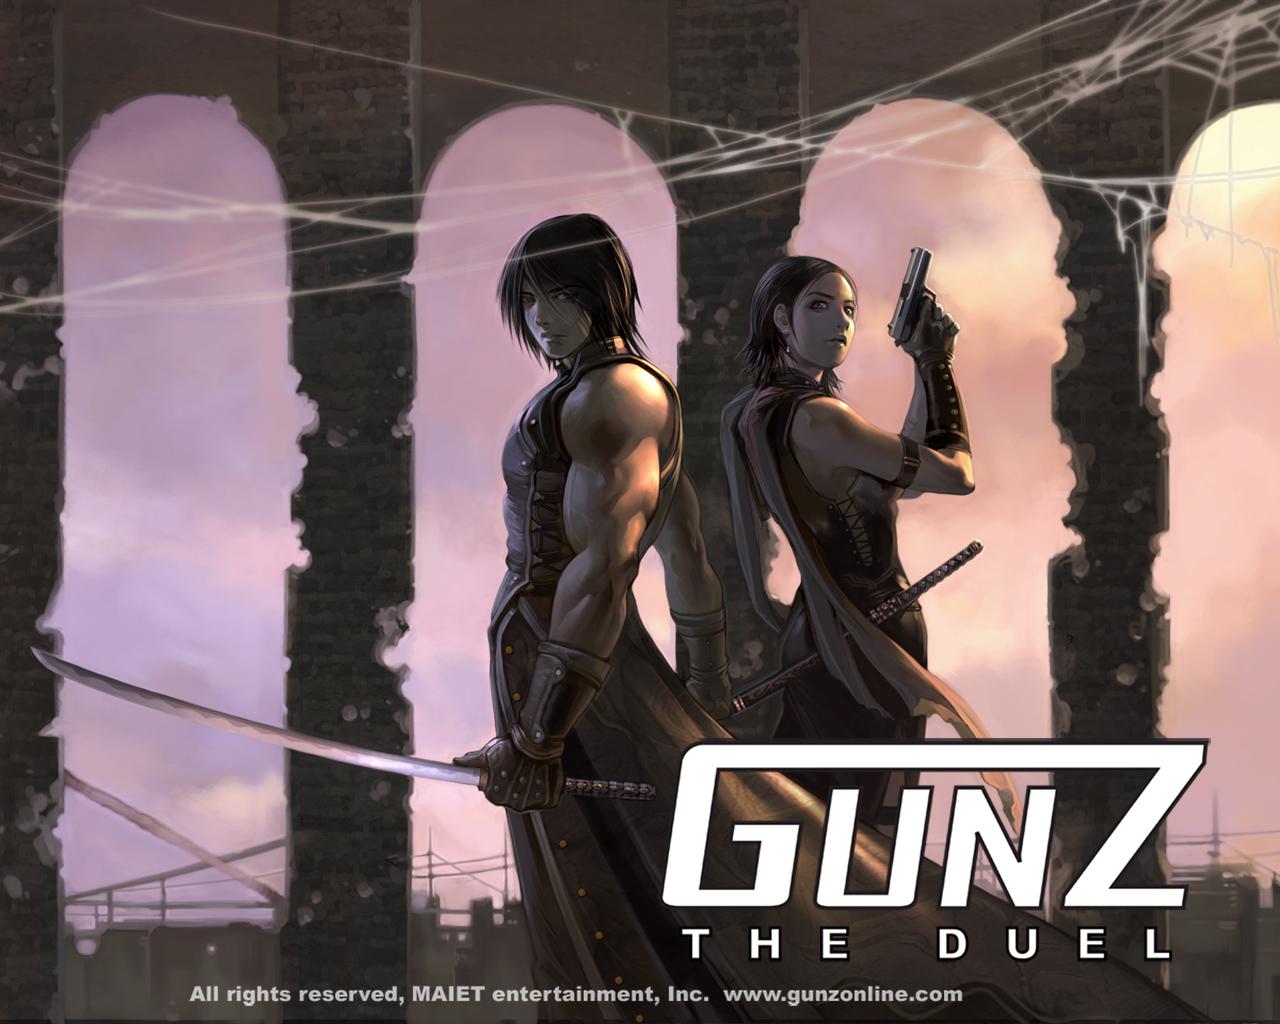 gunz online wallpaper. Gunz The Duel